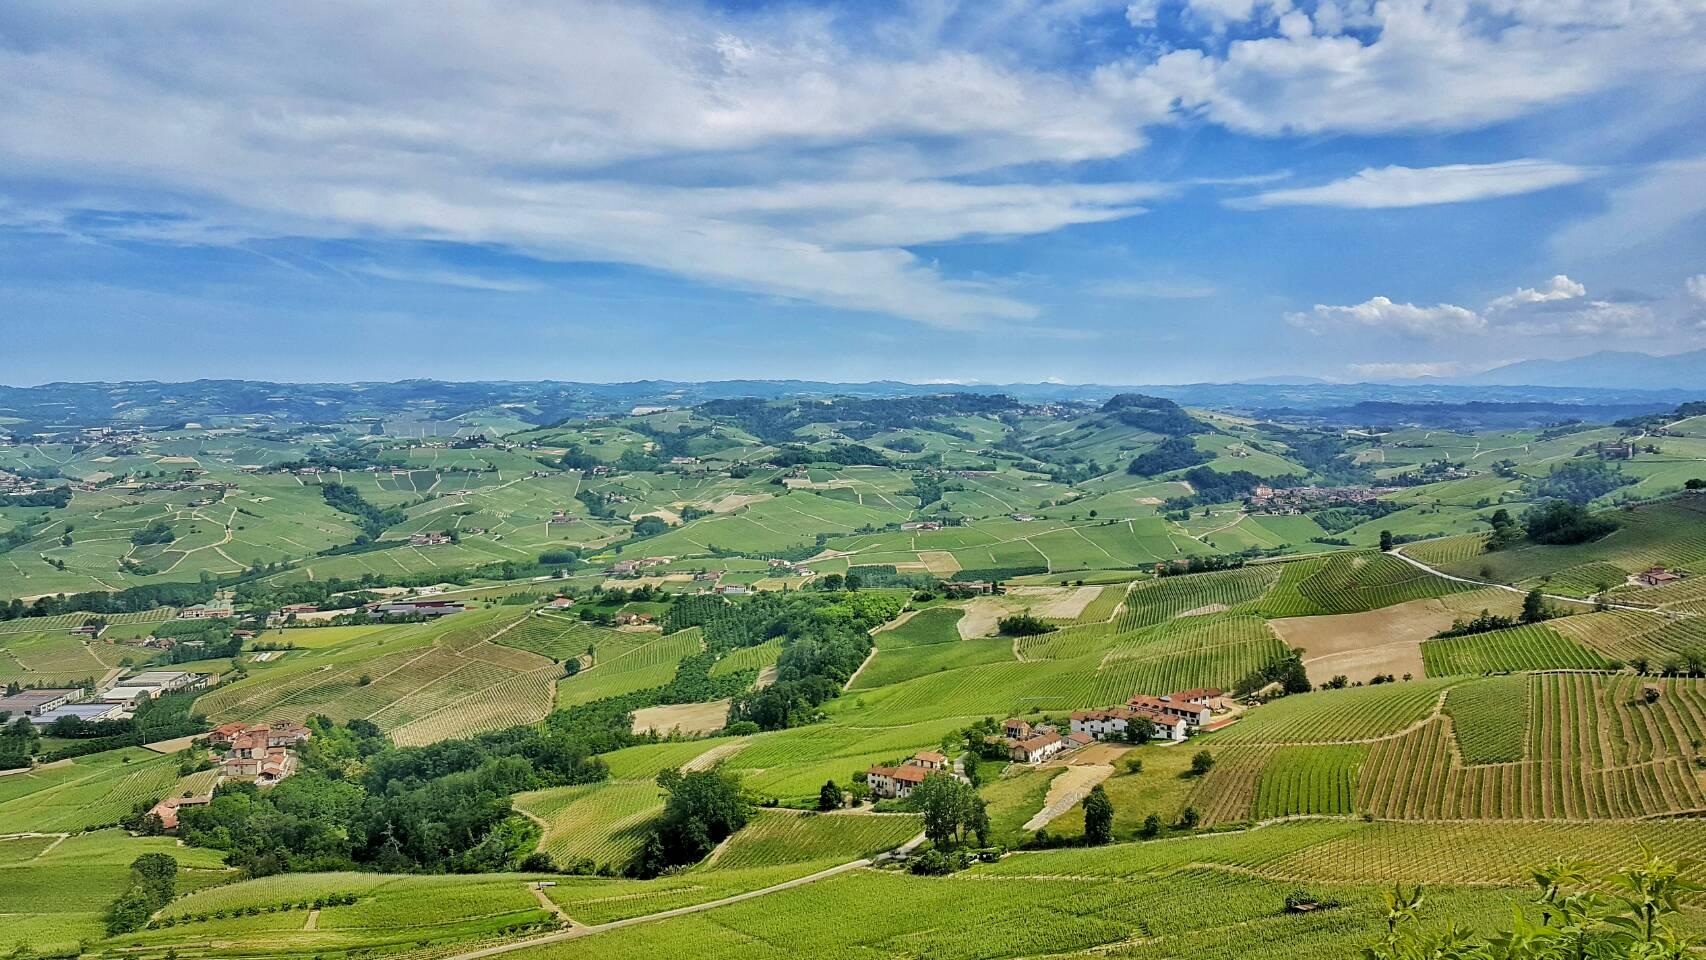 バルバレスコ|イタリア•ワイナリー巡り 世界遺産の「葡萄畑の景観」を眺め味わう極上のワイン